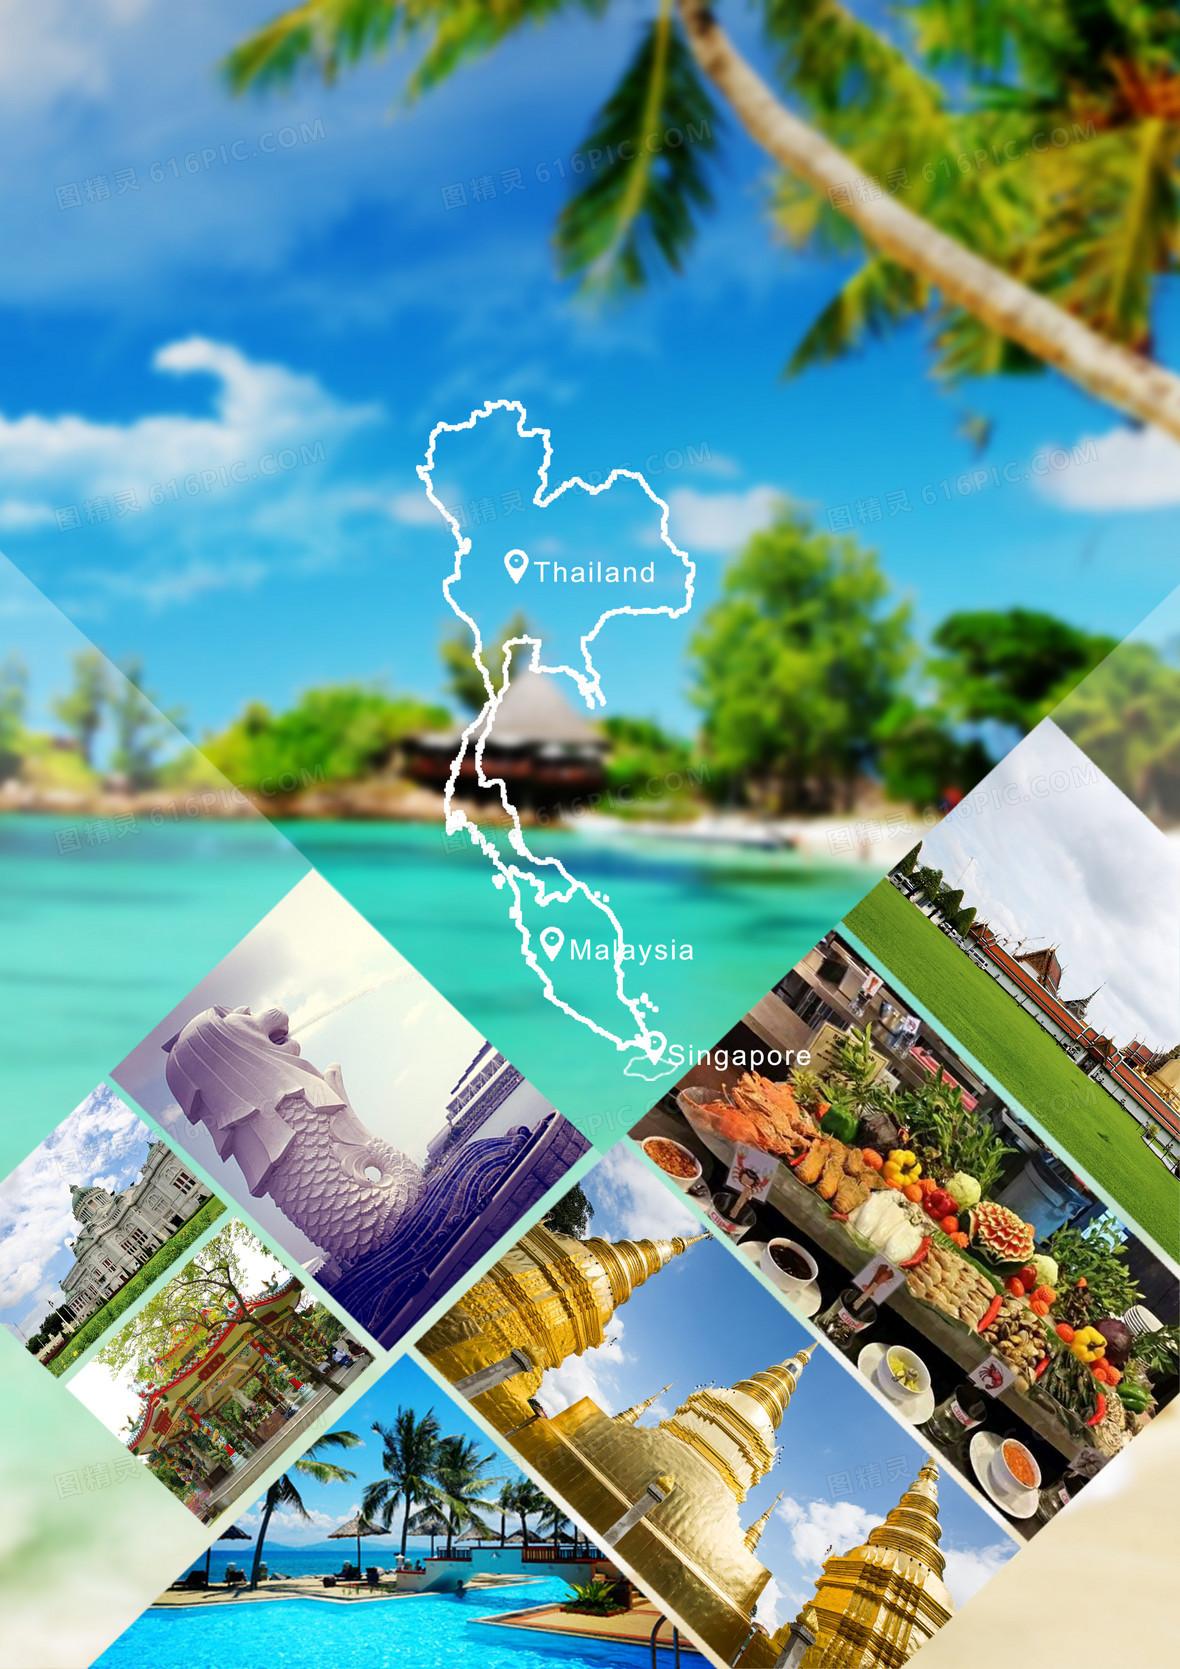 新马泰旅游海报背景素材